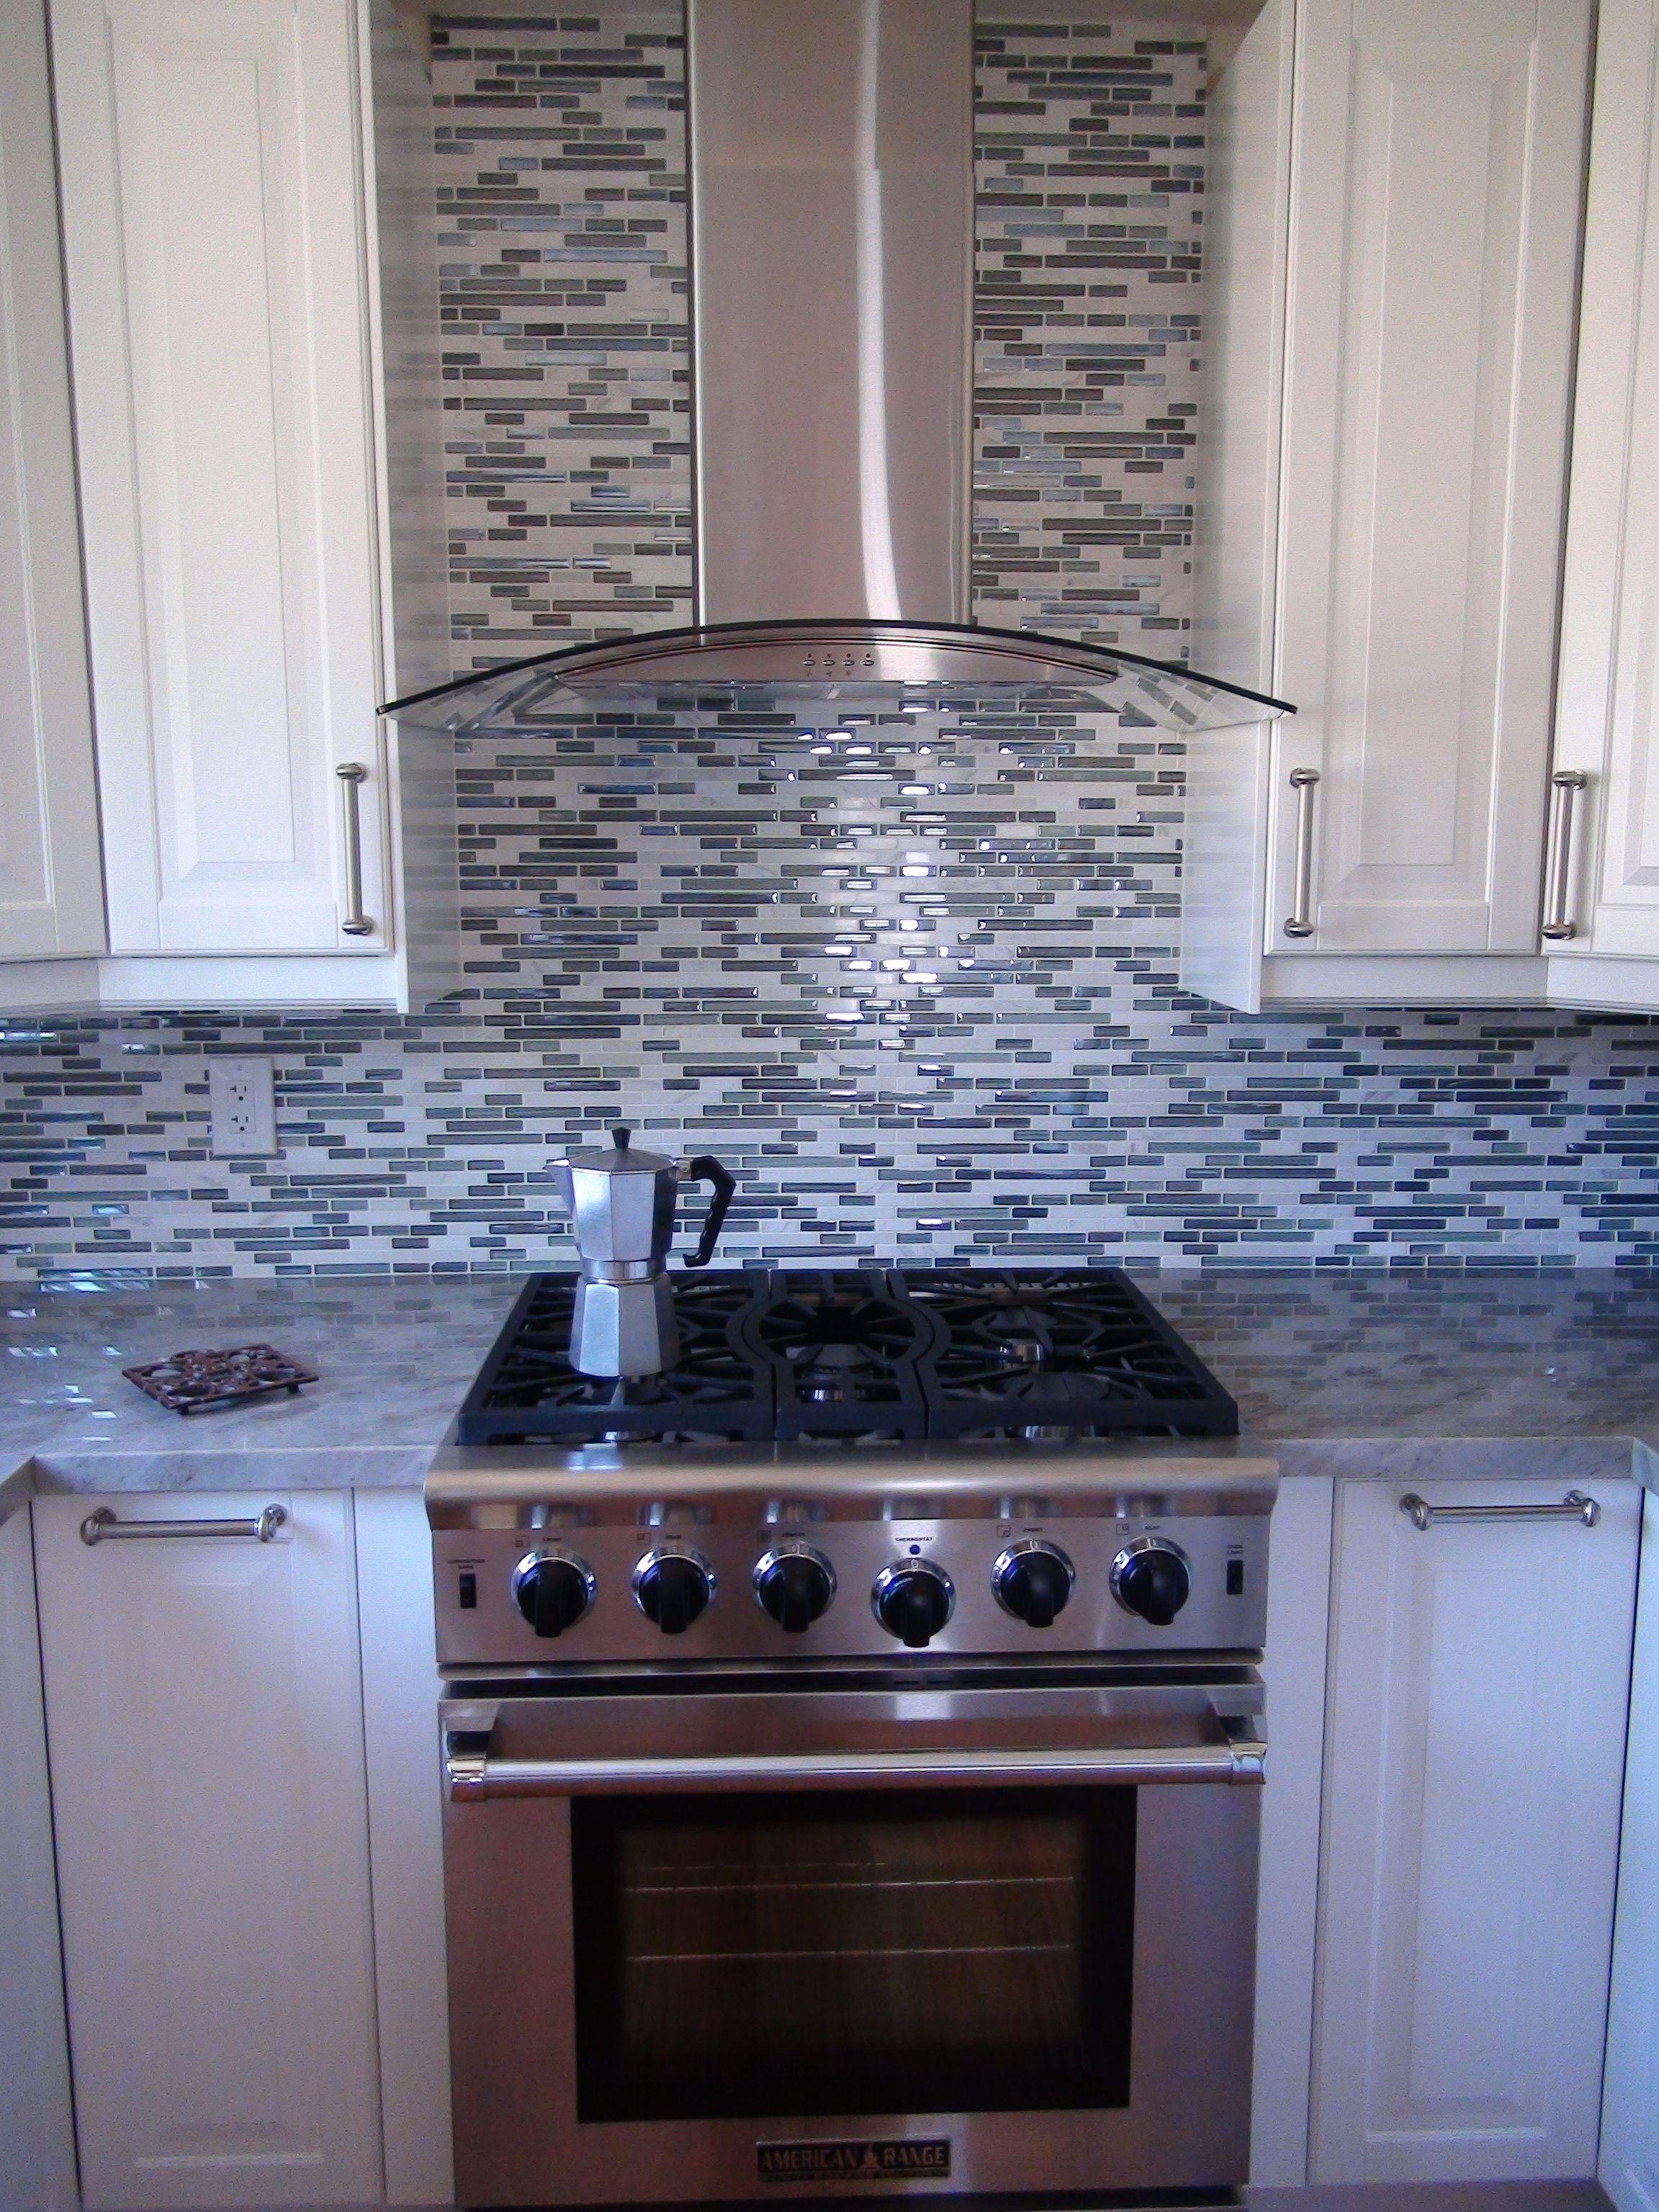 Slimline Kitchen Appliances Proline Range Hoods Customer Kitchen Featuring The Slimline